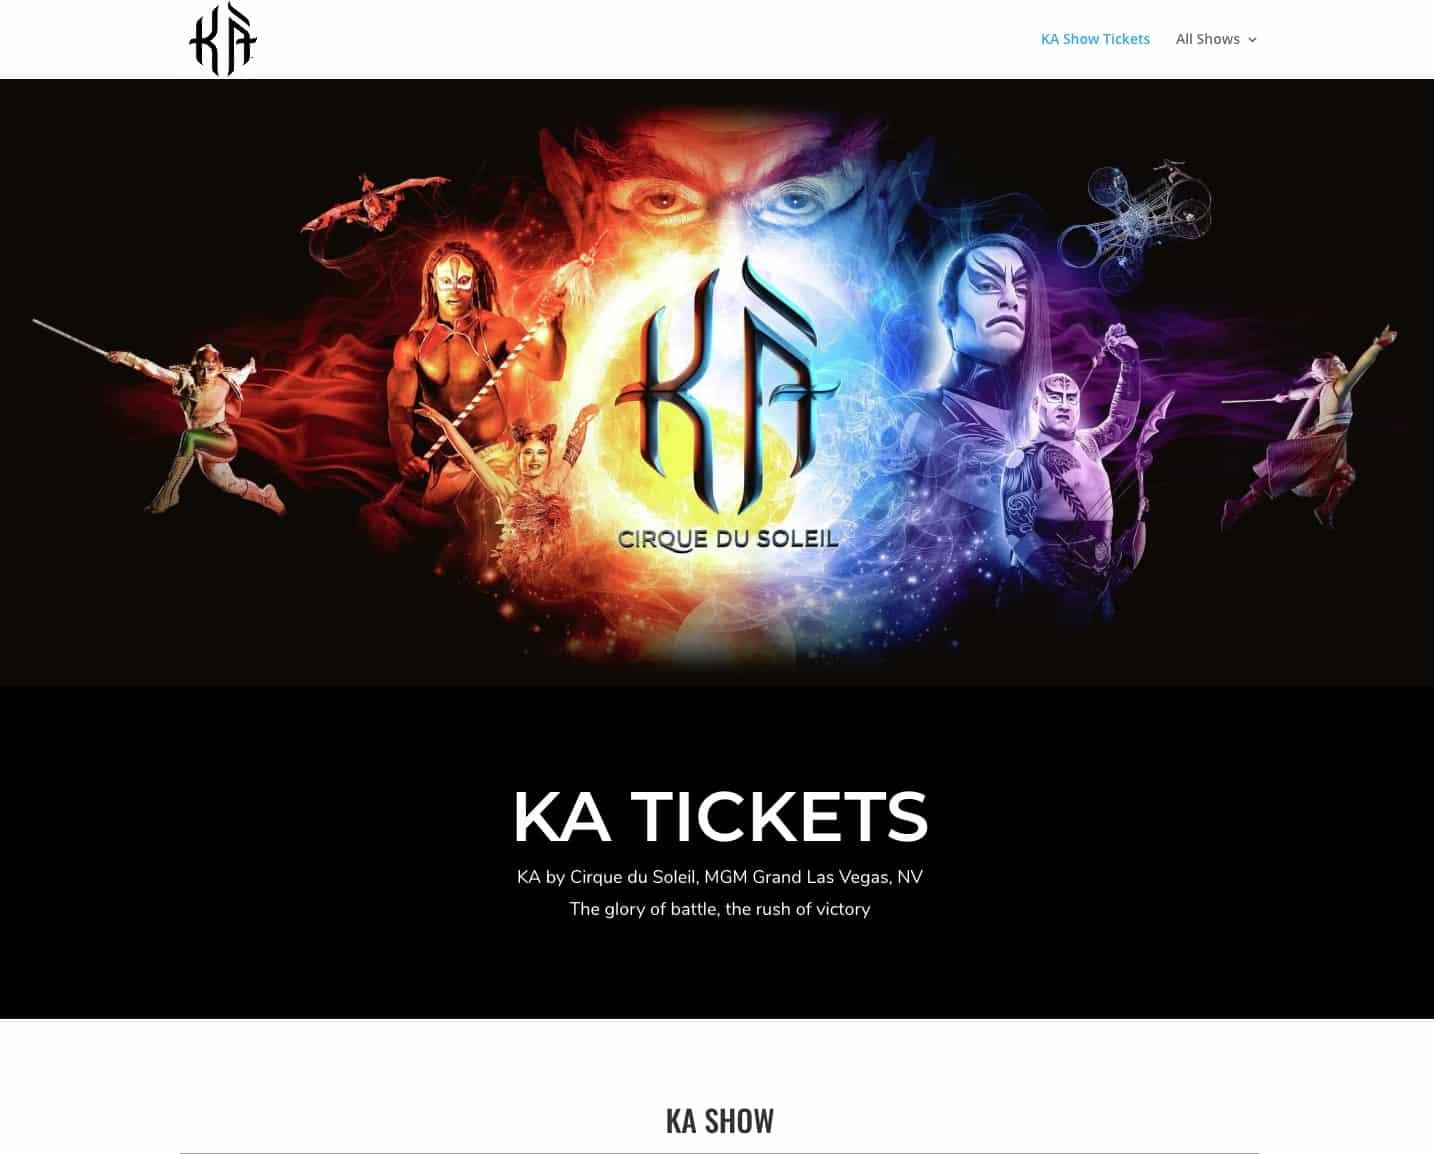 KA Show